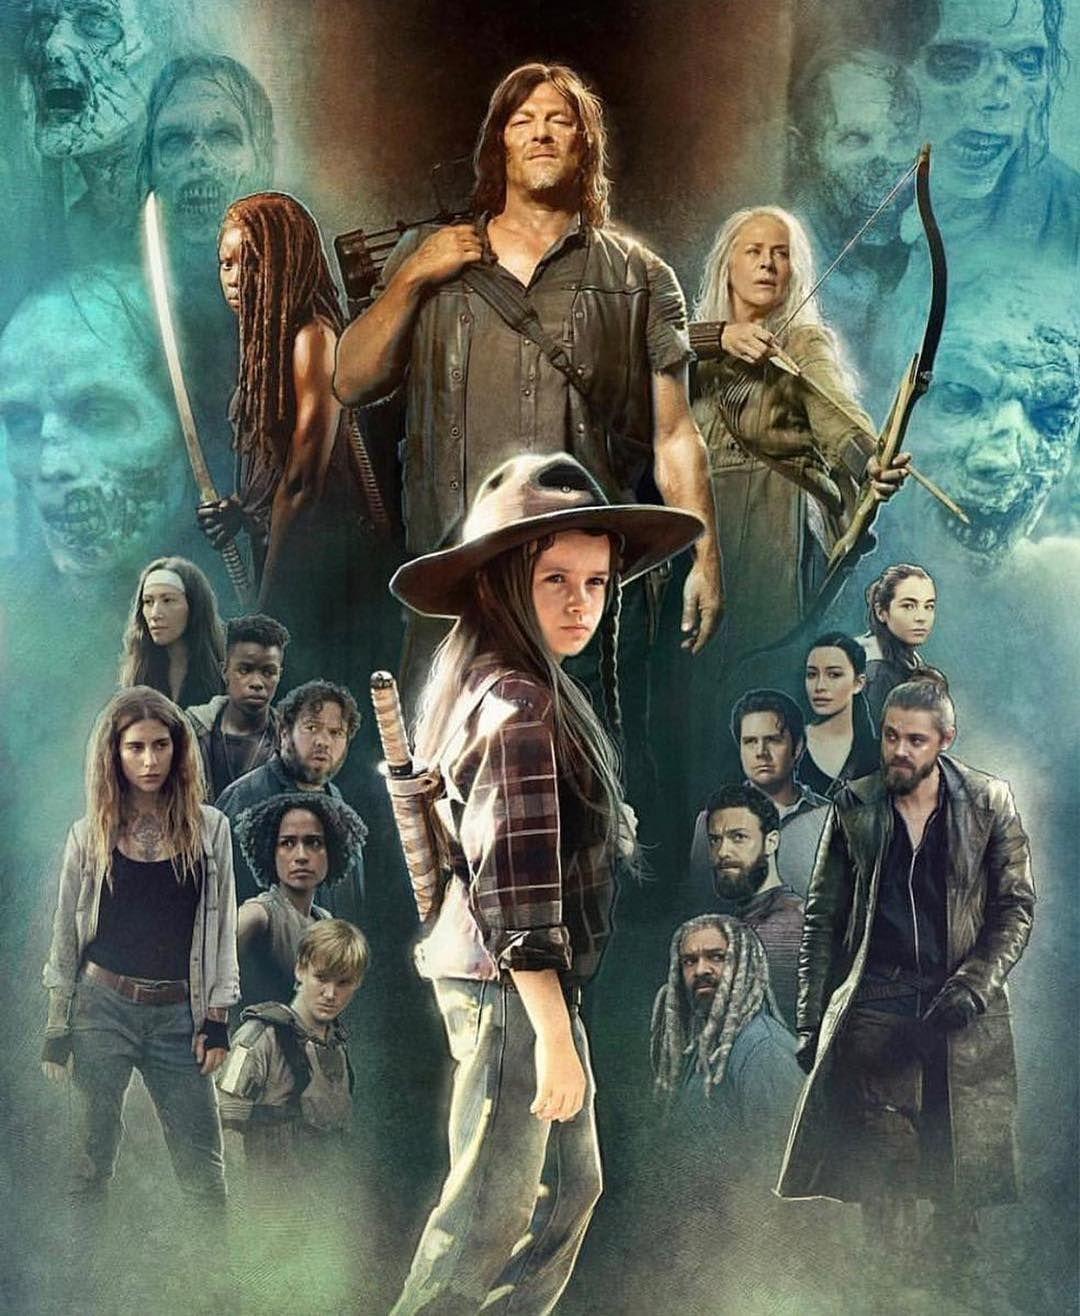 The Walking Dead On Instagram New Beginnings Tag A Friend That Loves The Walking Dead The Walking Dead Poster Walking Dead Season Walking Dead Show